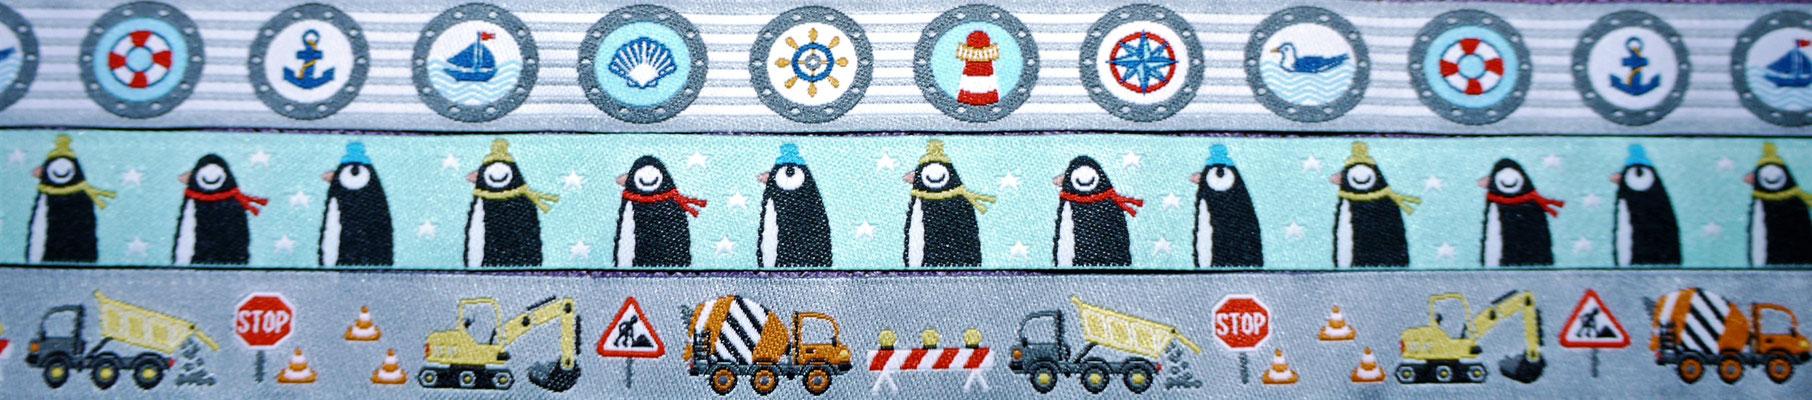 Maritim, Pinguine, Baumaschinen (3 Webbänder in einem Bild)